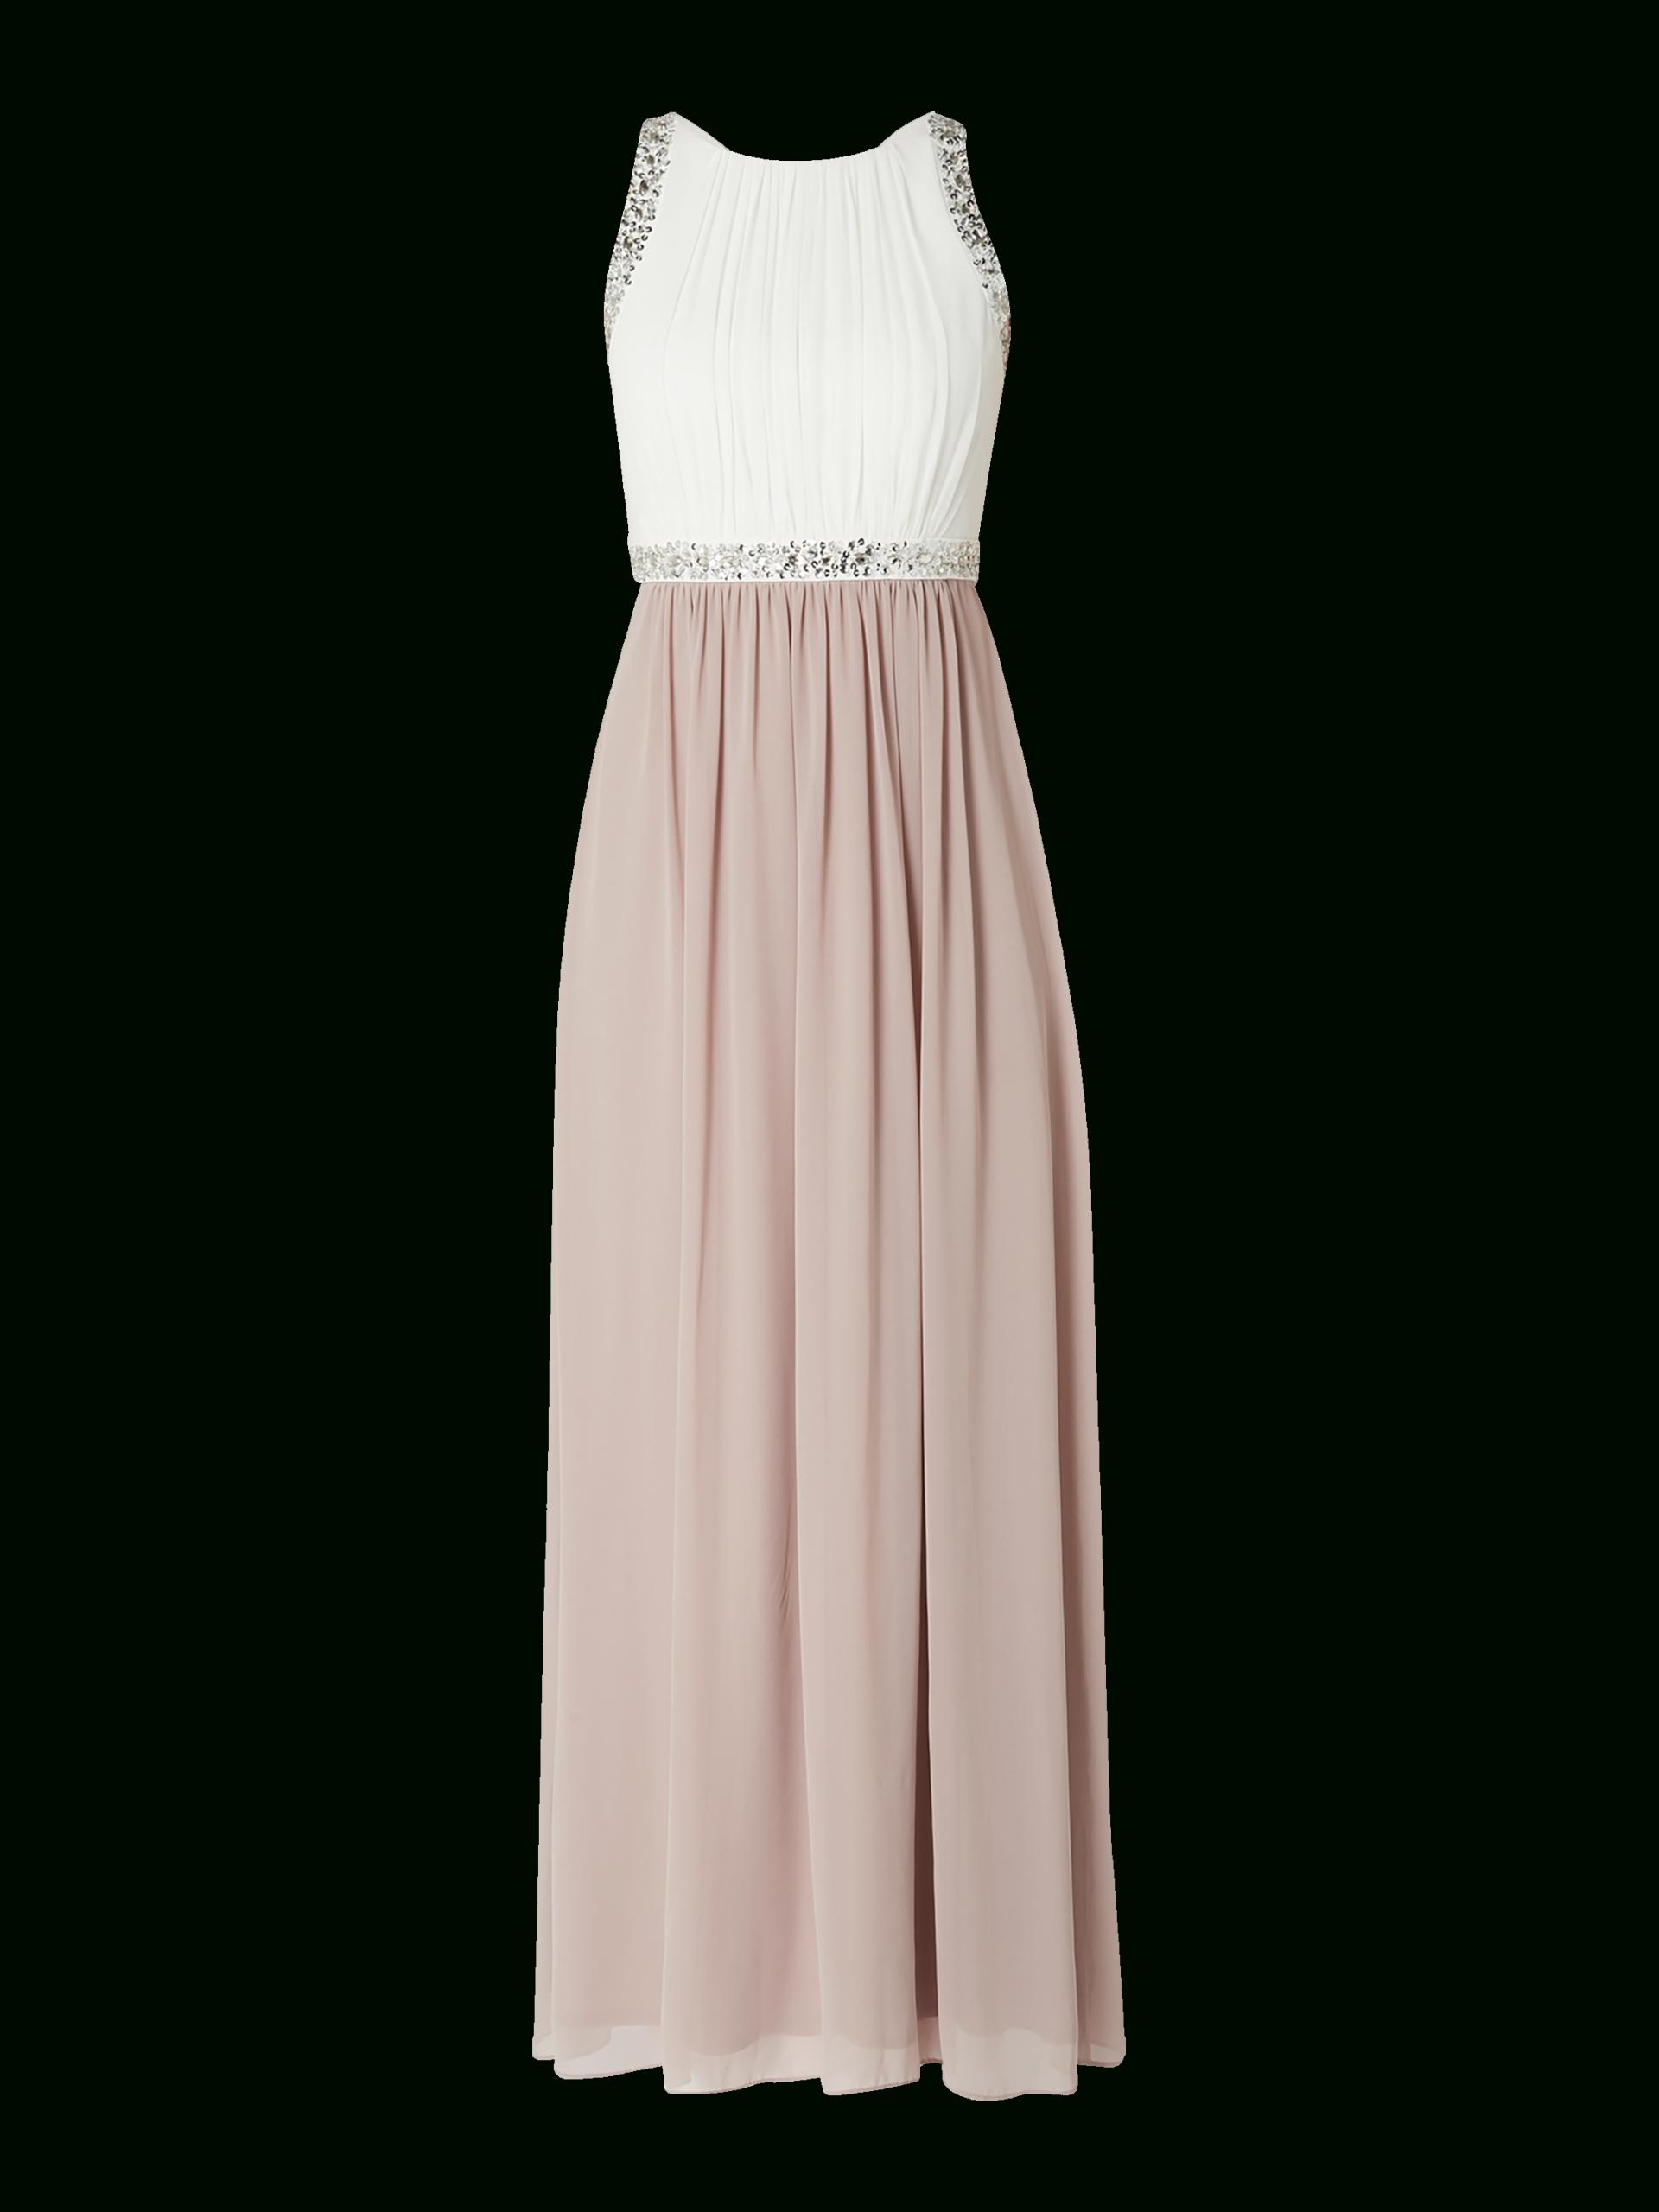 13 Cool P&C Abend Kleider Bester PreisFormal Ausgezeichnet P&C Abend Kleider Boutique